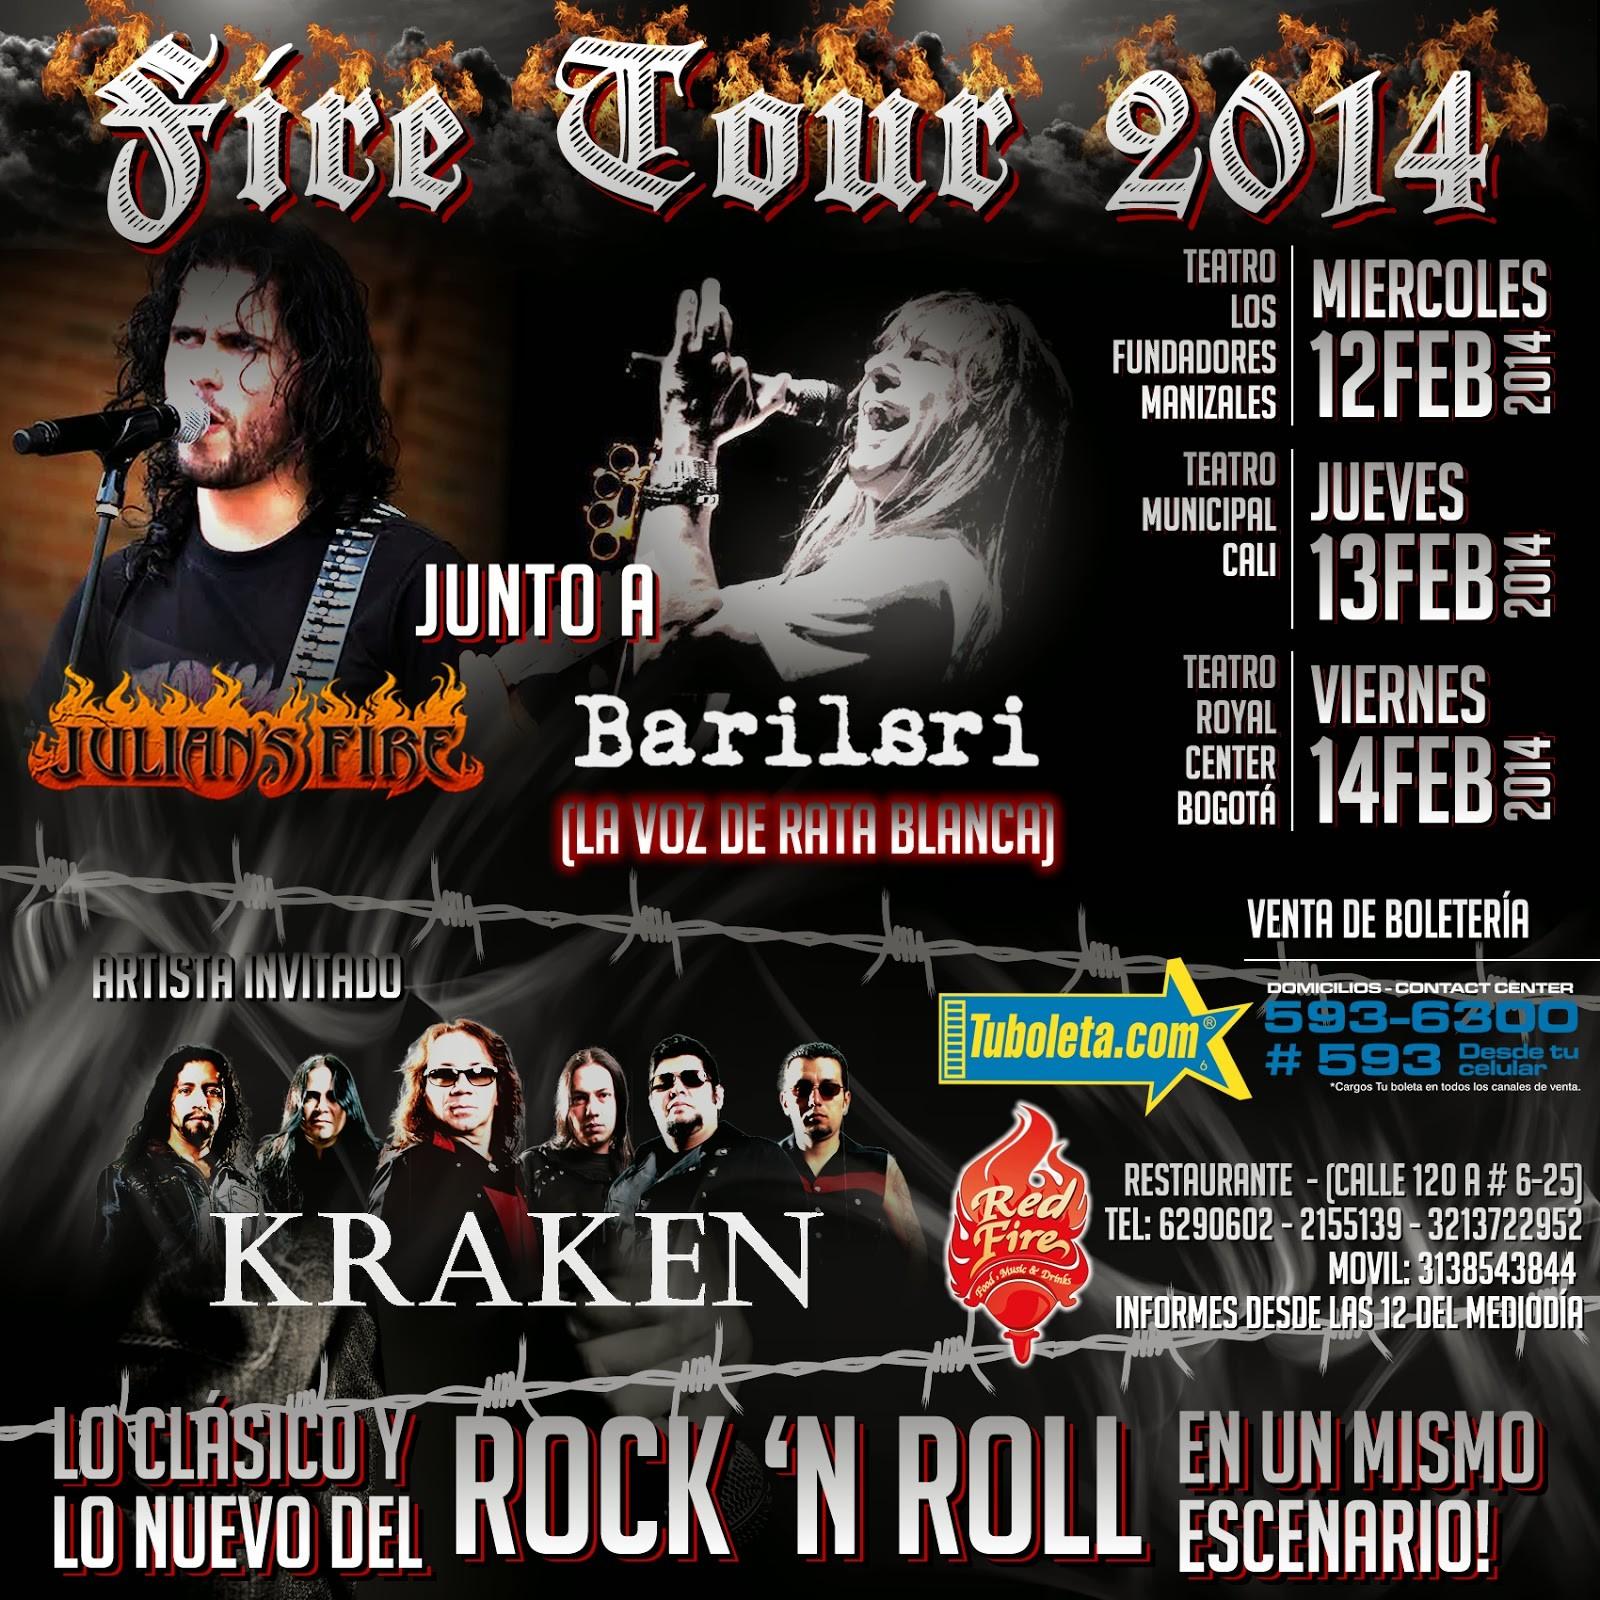 Enero 2014 éste Es El Afiche icial Del Fire Tour 2014 Se Advierte